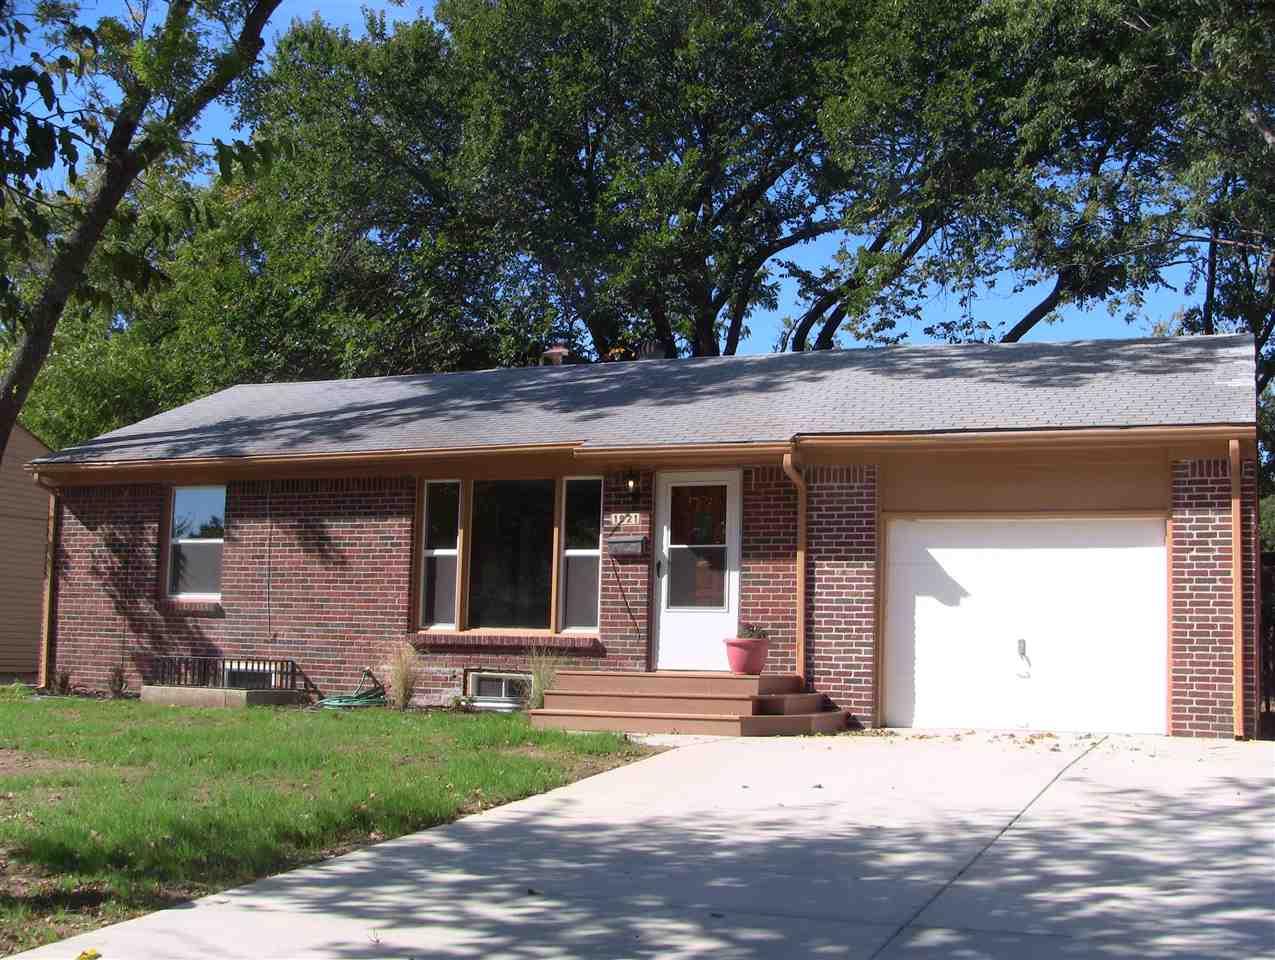 1921 S Pinecrest Ave, Wichita, KS 67218